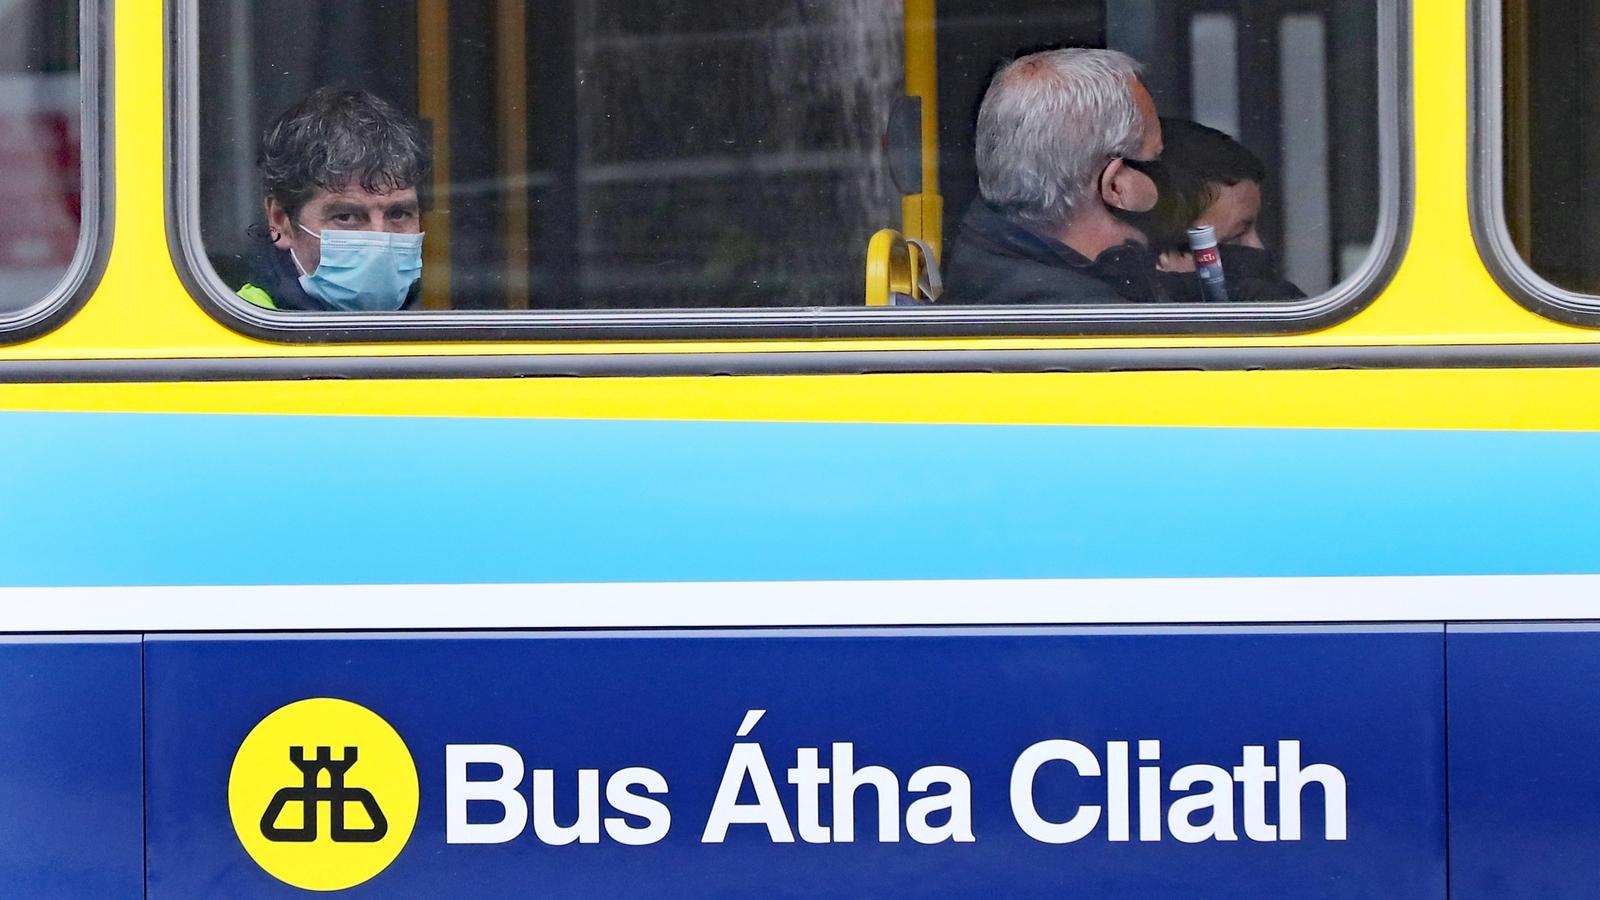 Dublin Bus announces 80 jobs and new 24-hour service